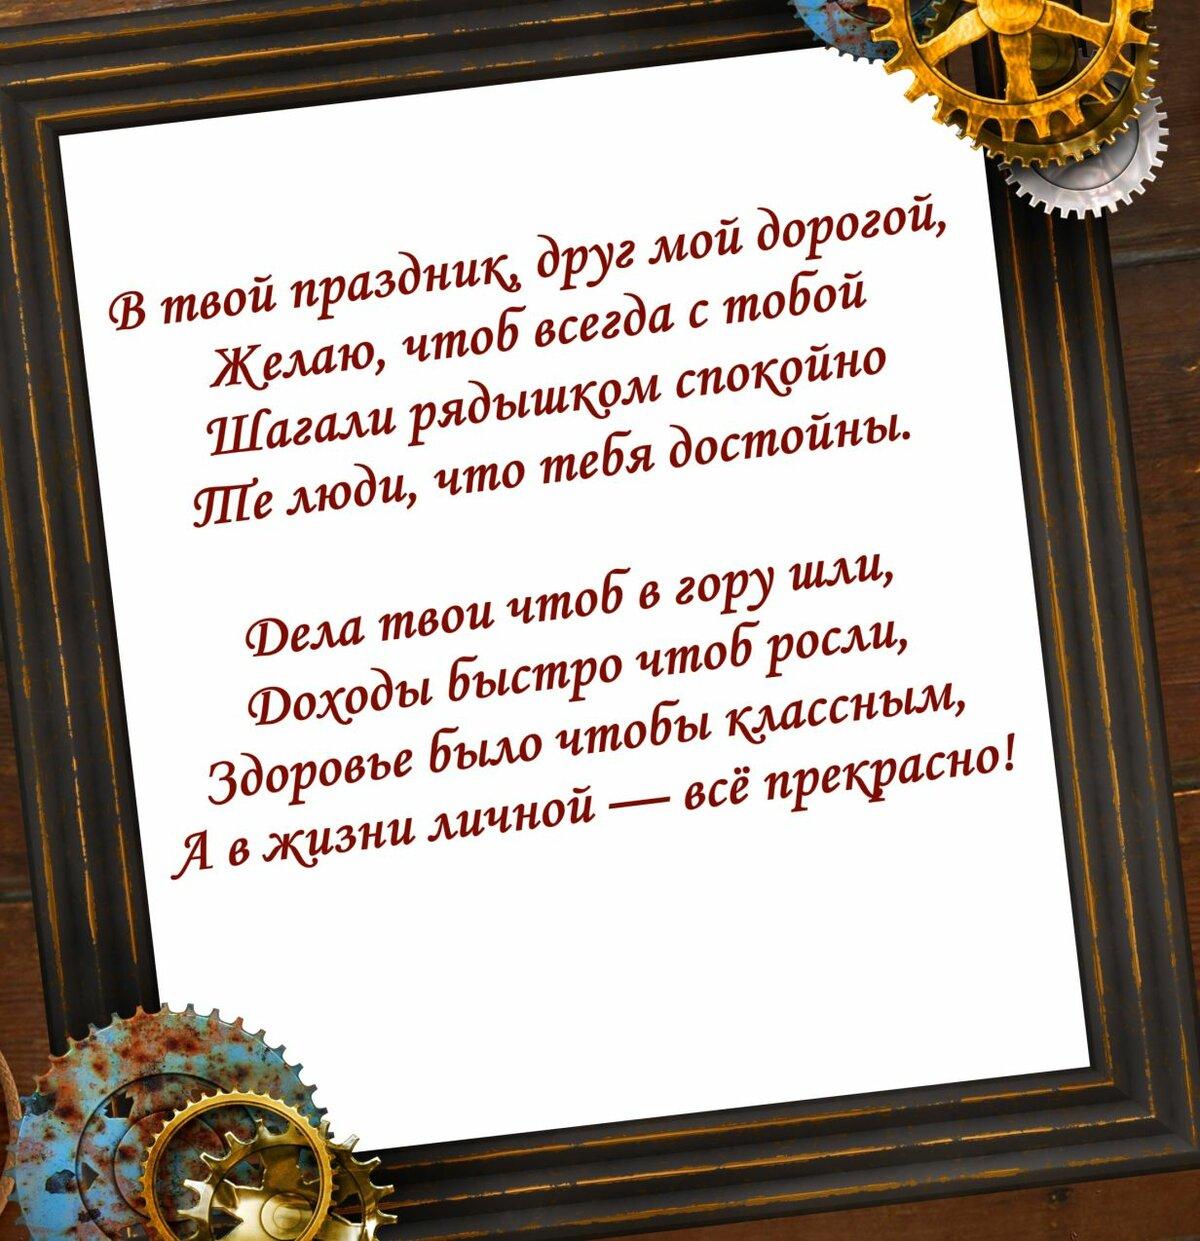 Стихотворение для поздравления друга